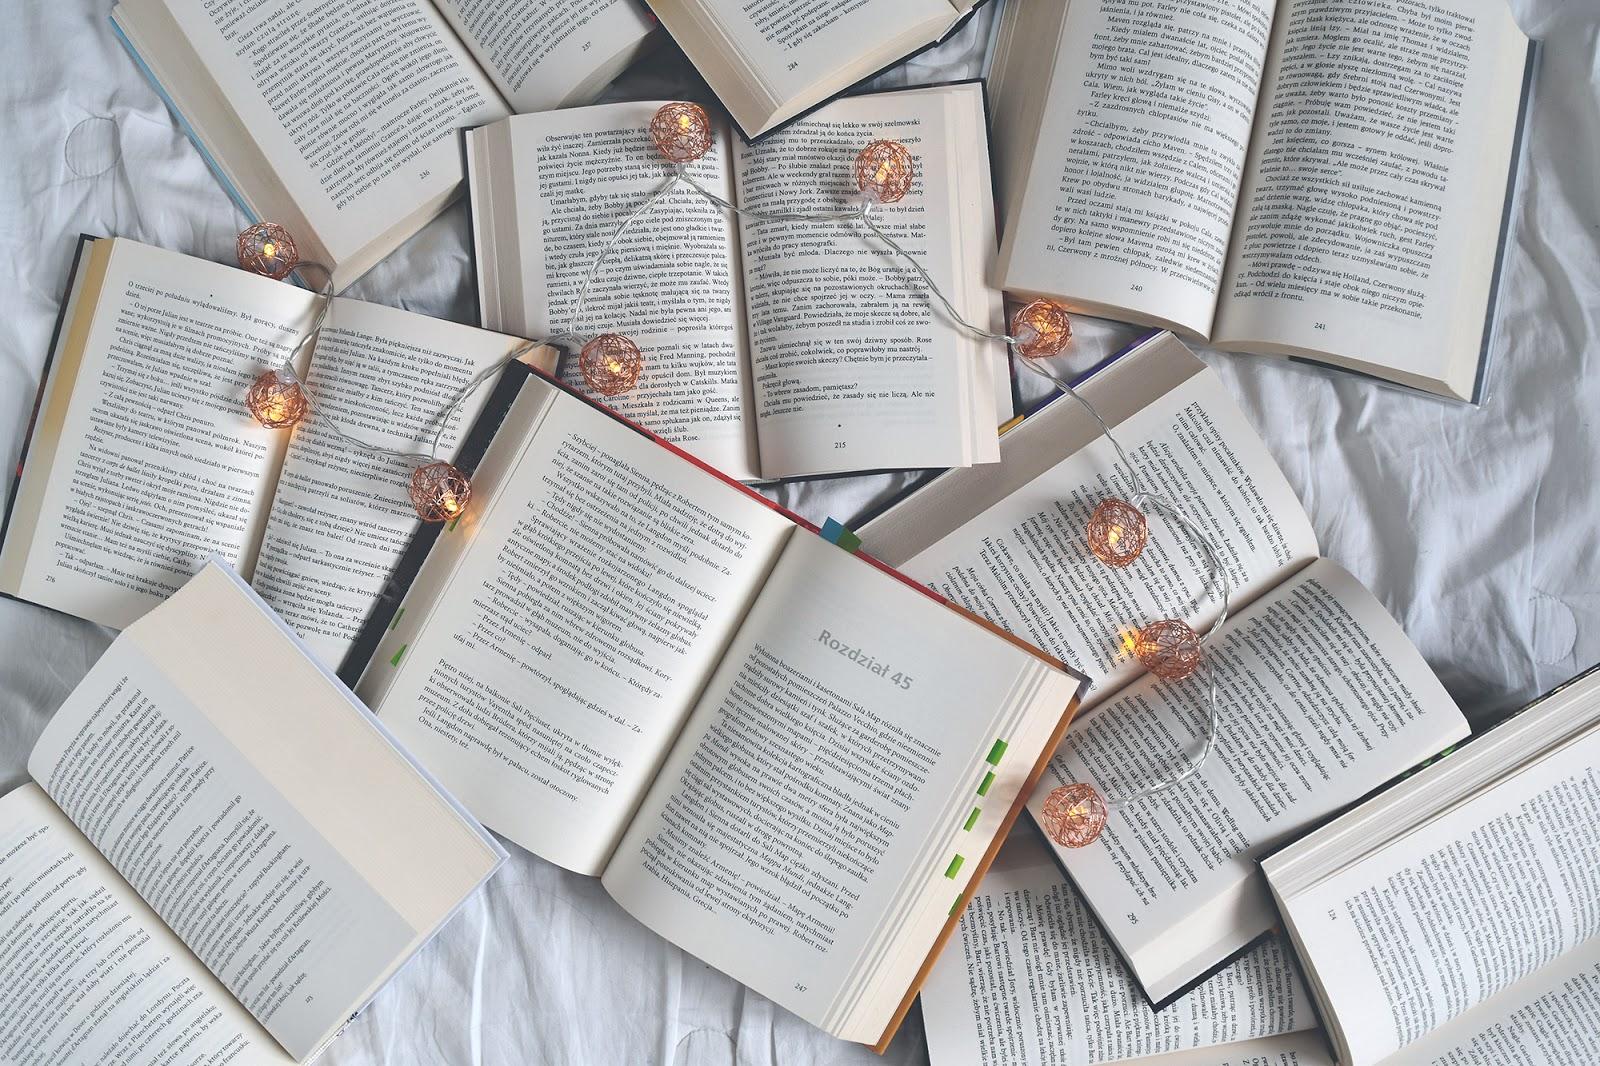 Kwietniowe podsumowanie - książkowo i internetowo